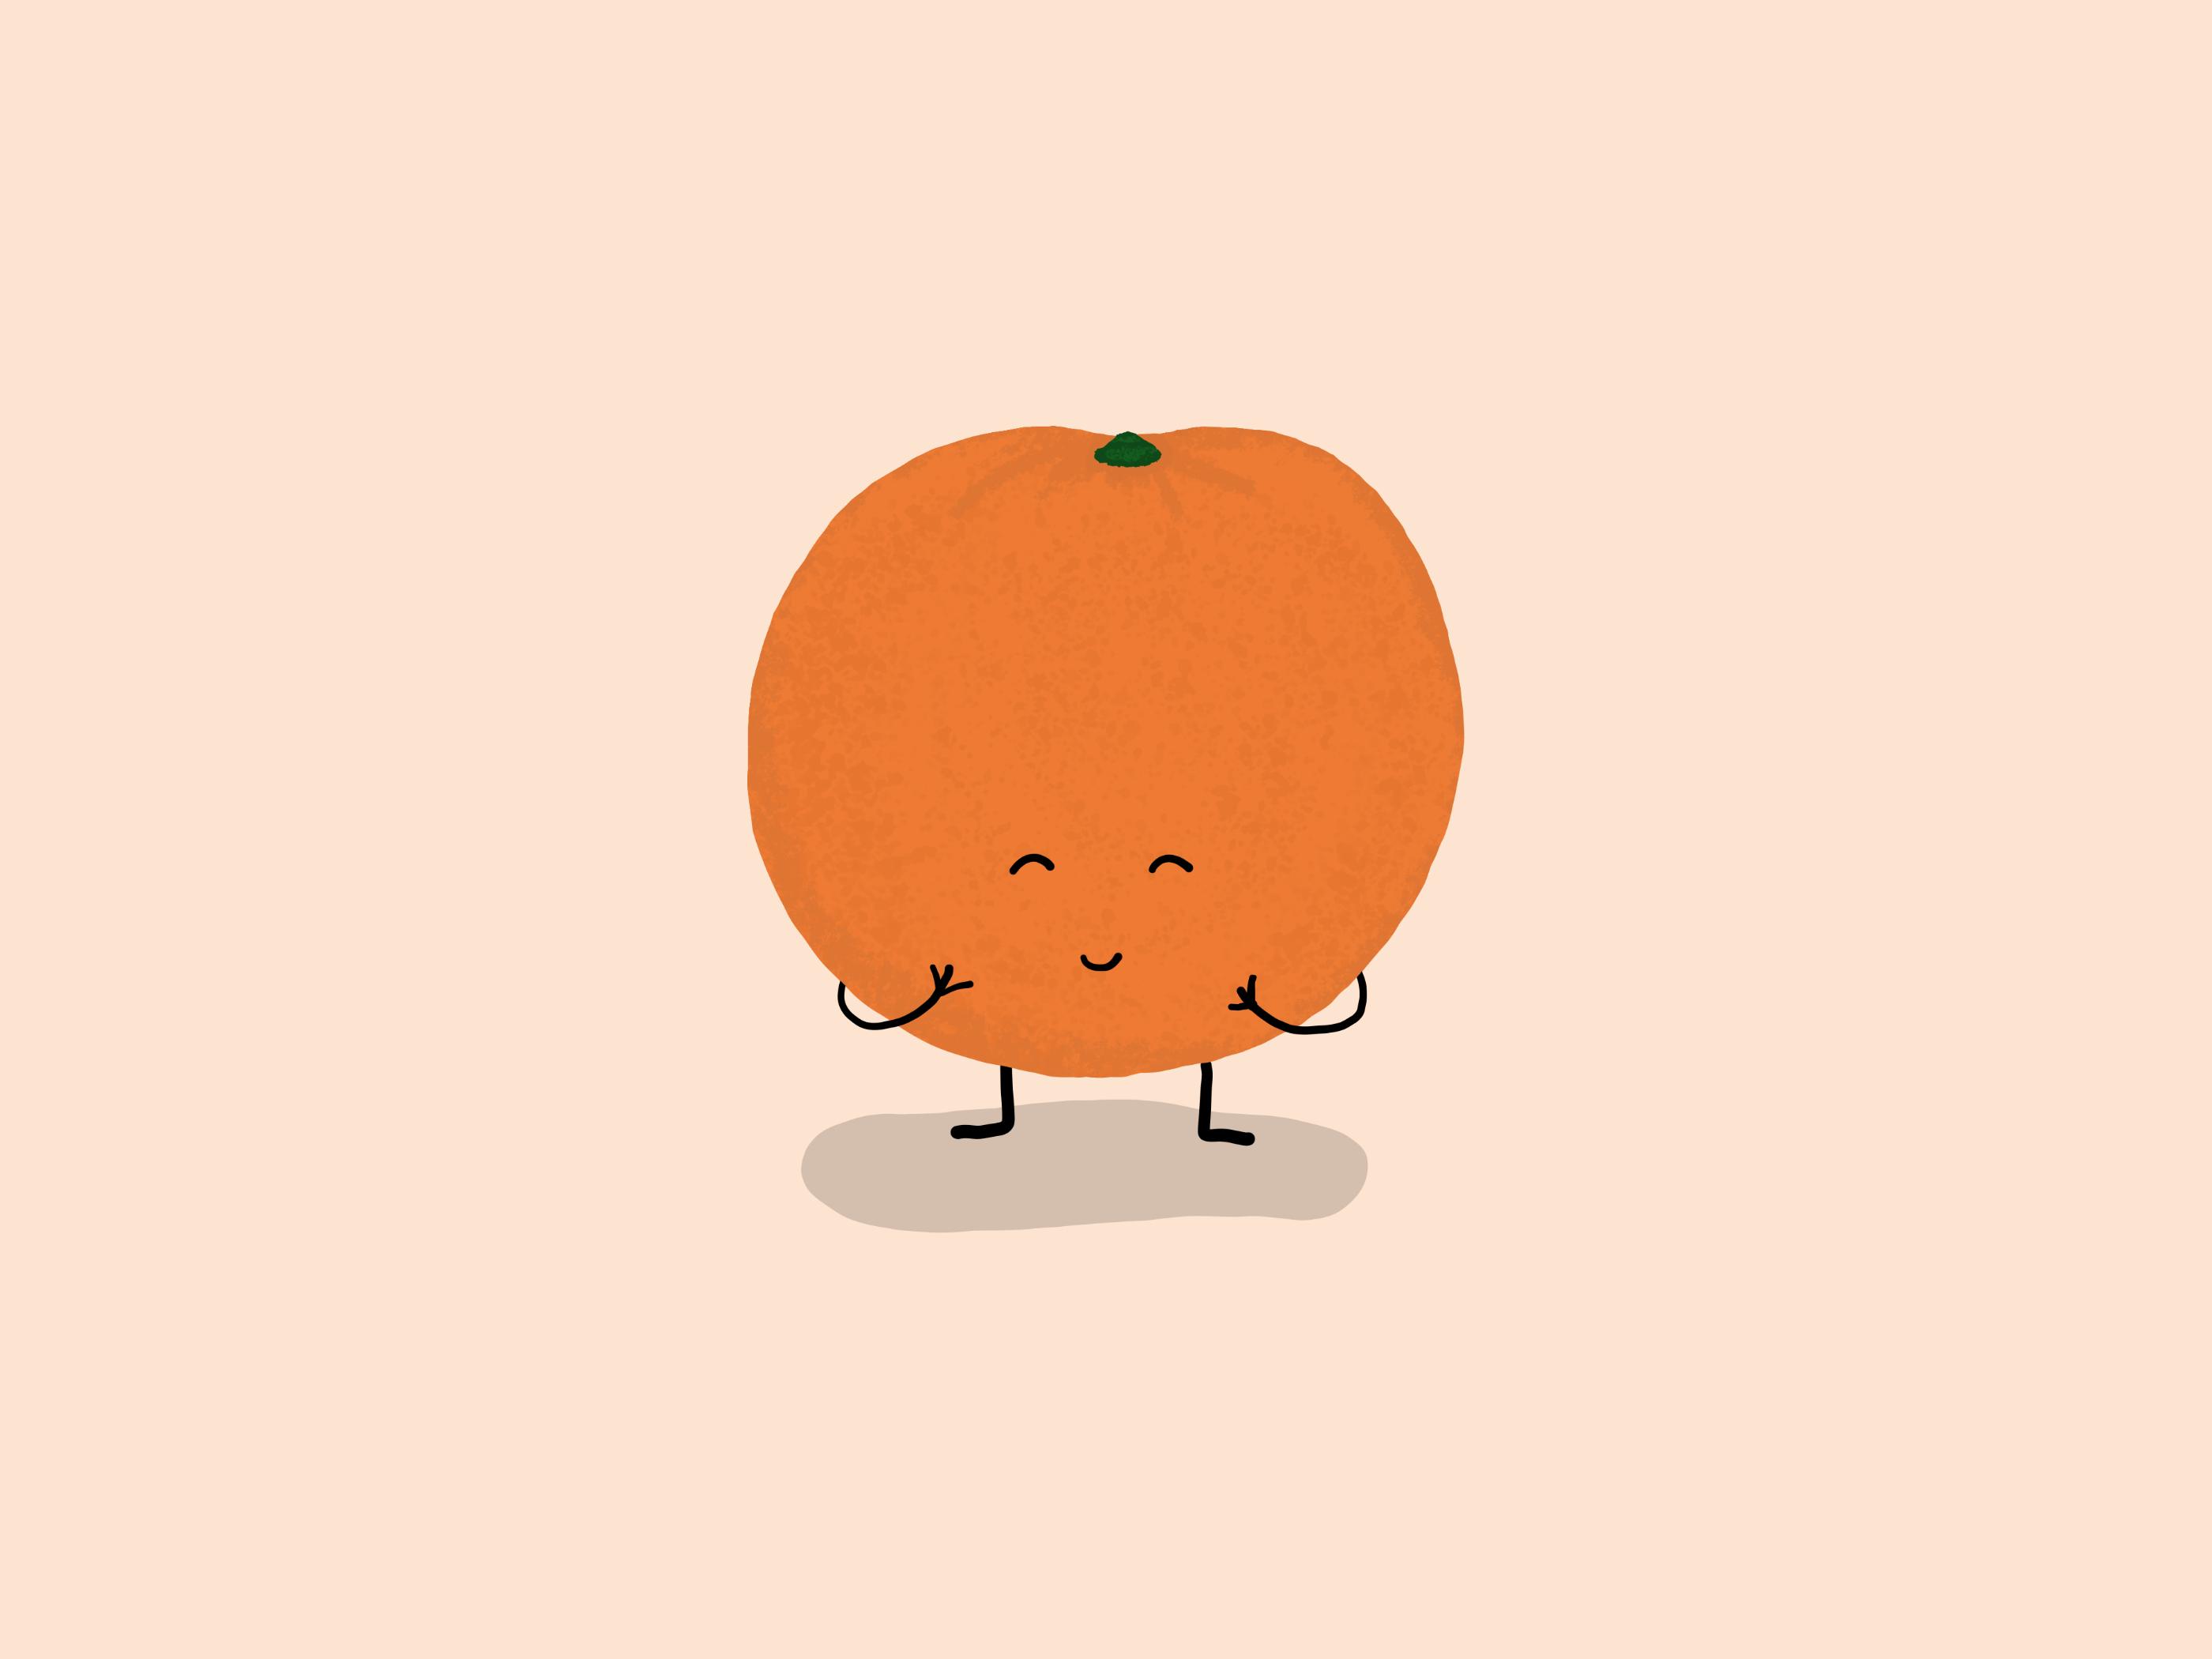 A Giggling Orange